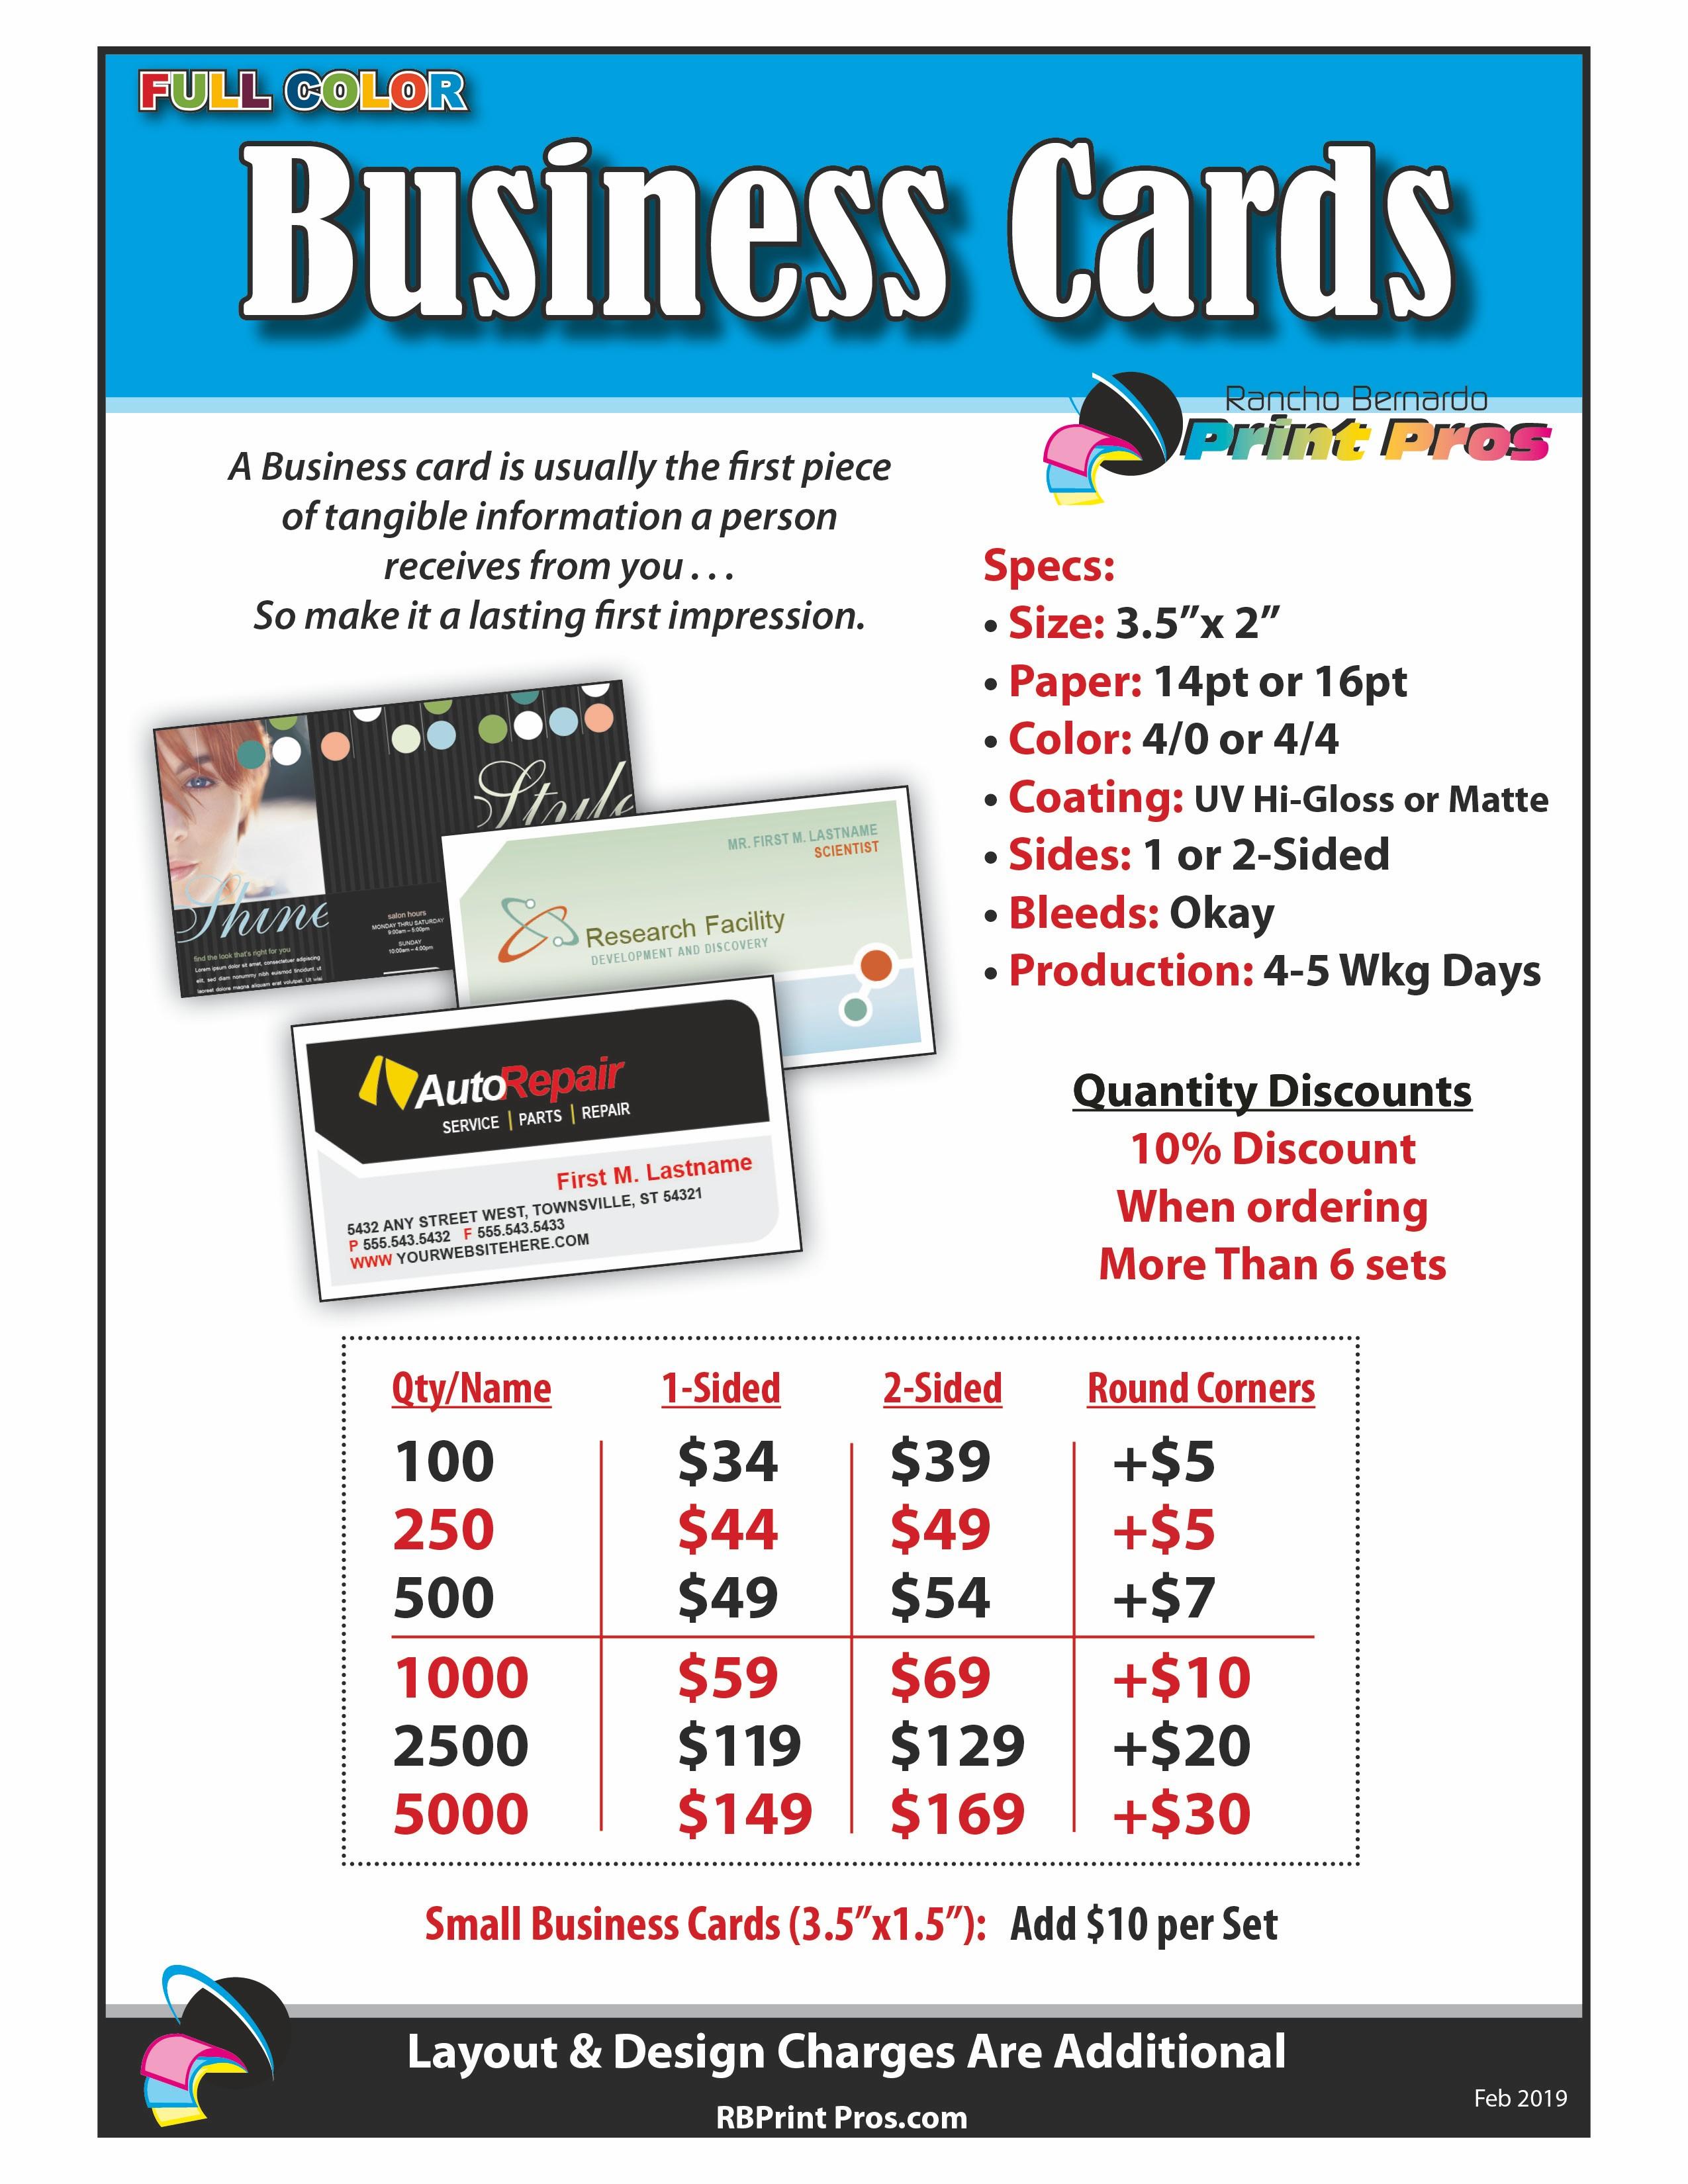 rbpp_4c.businesscards.3.6.19.hi300.jpg